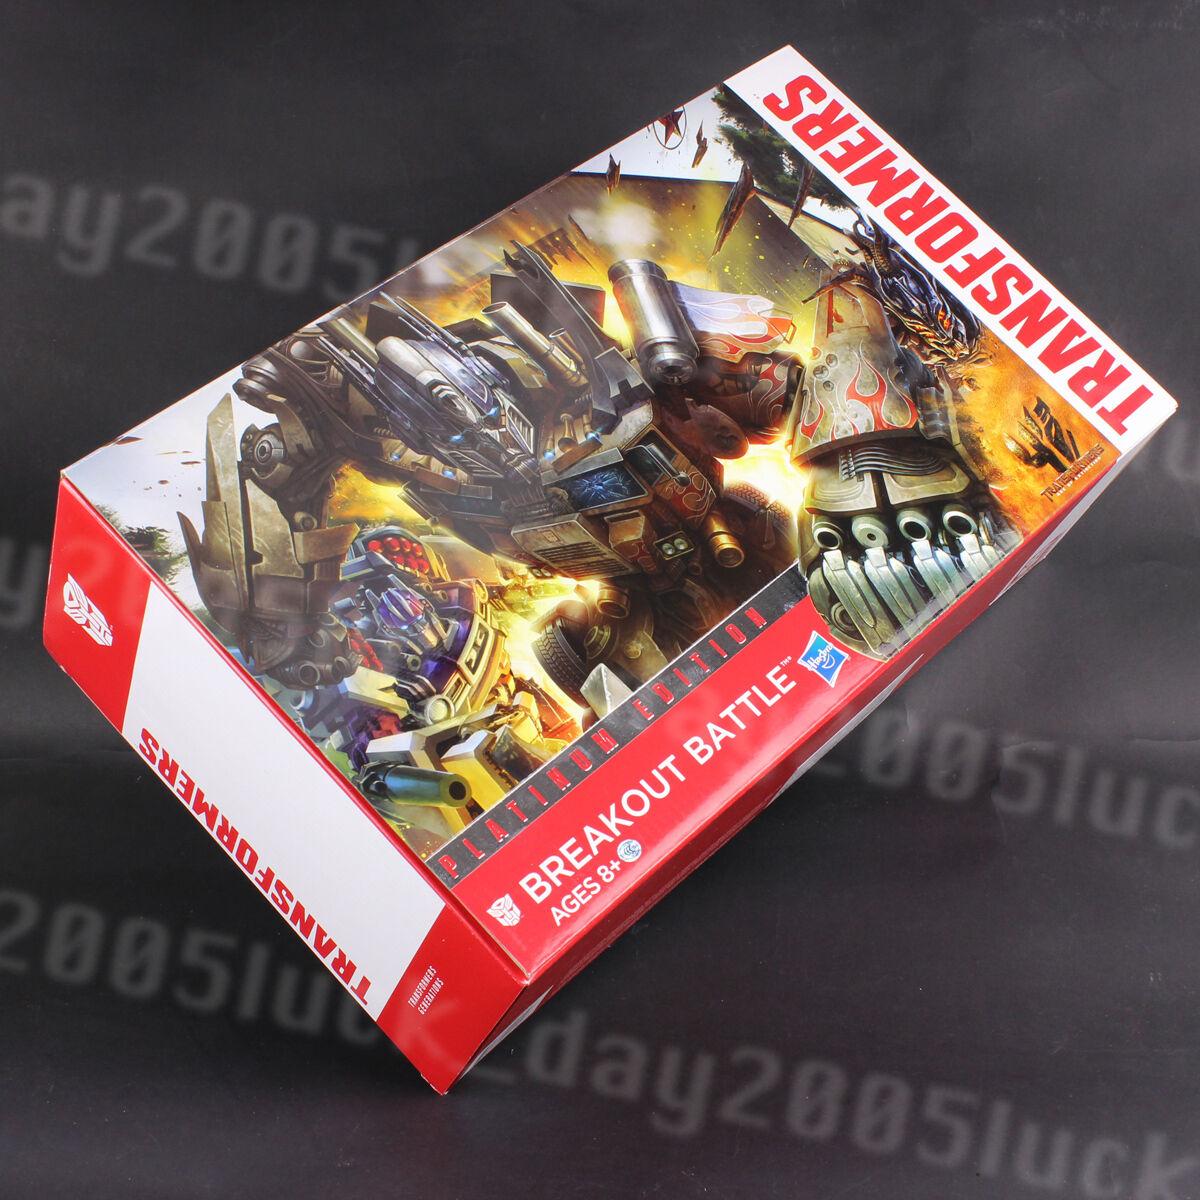 punto de venta Transformers AOE Platinum Edition Edition Edition Breakout batalla Arco + Vehicon + Optimus Prime  promociones de descuento